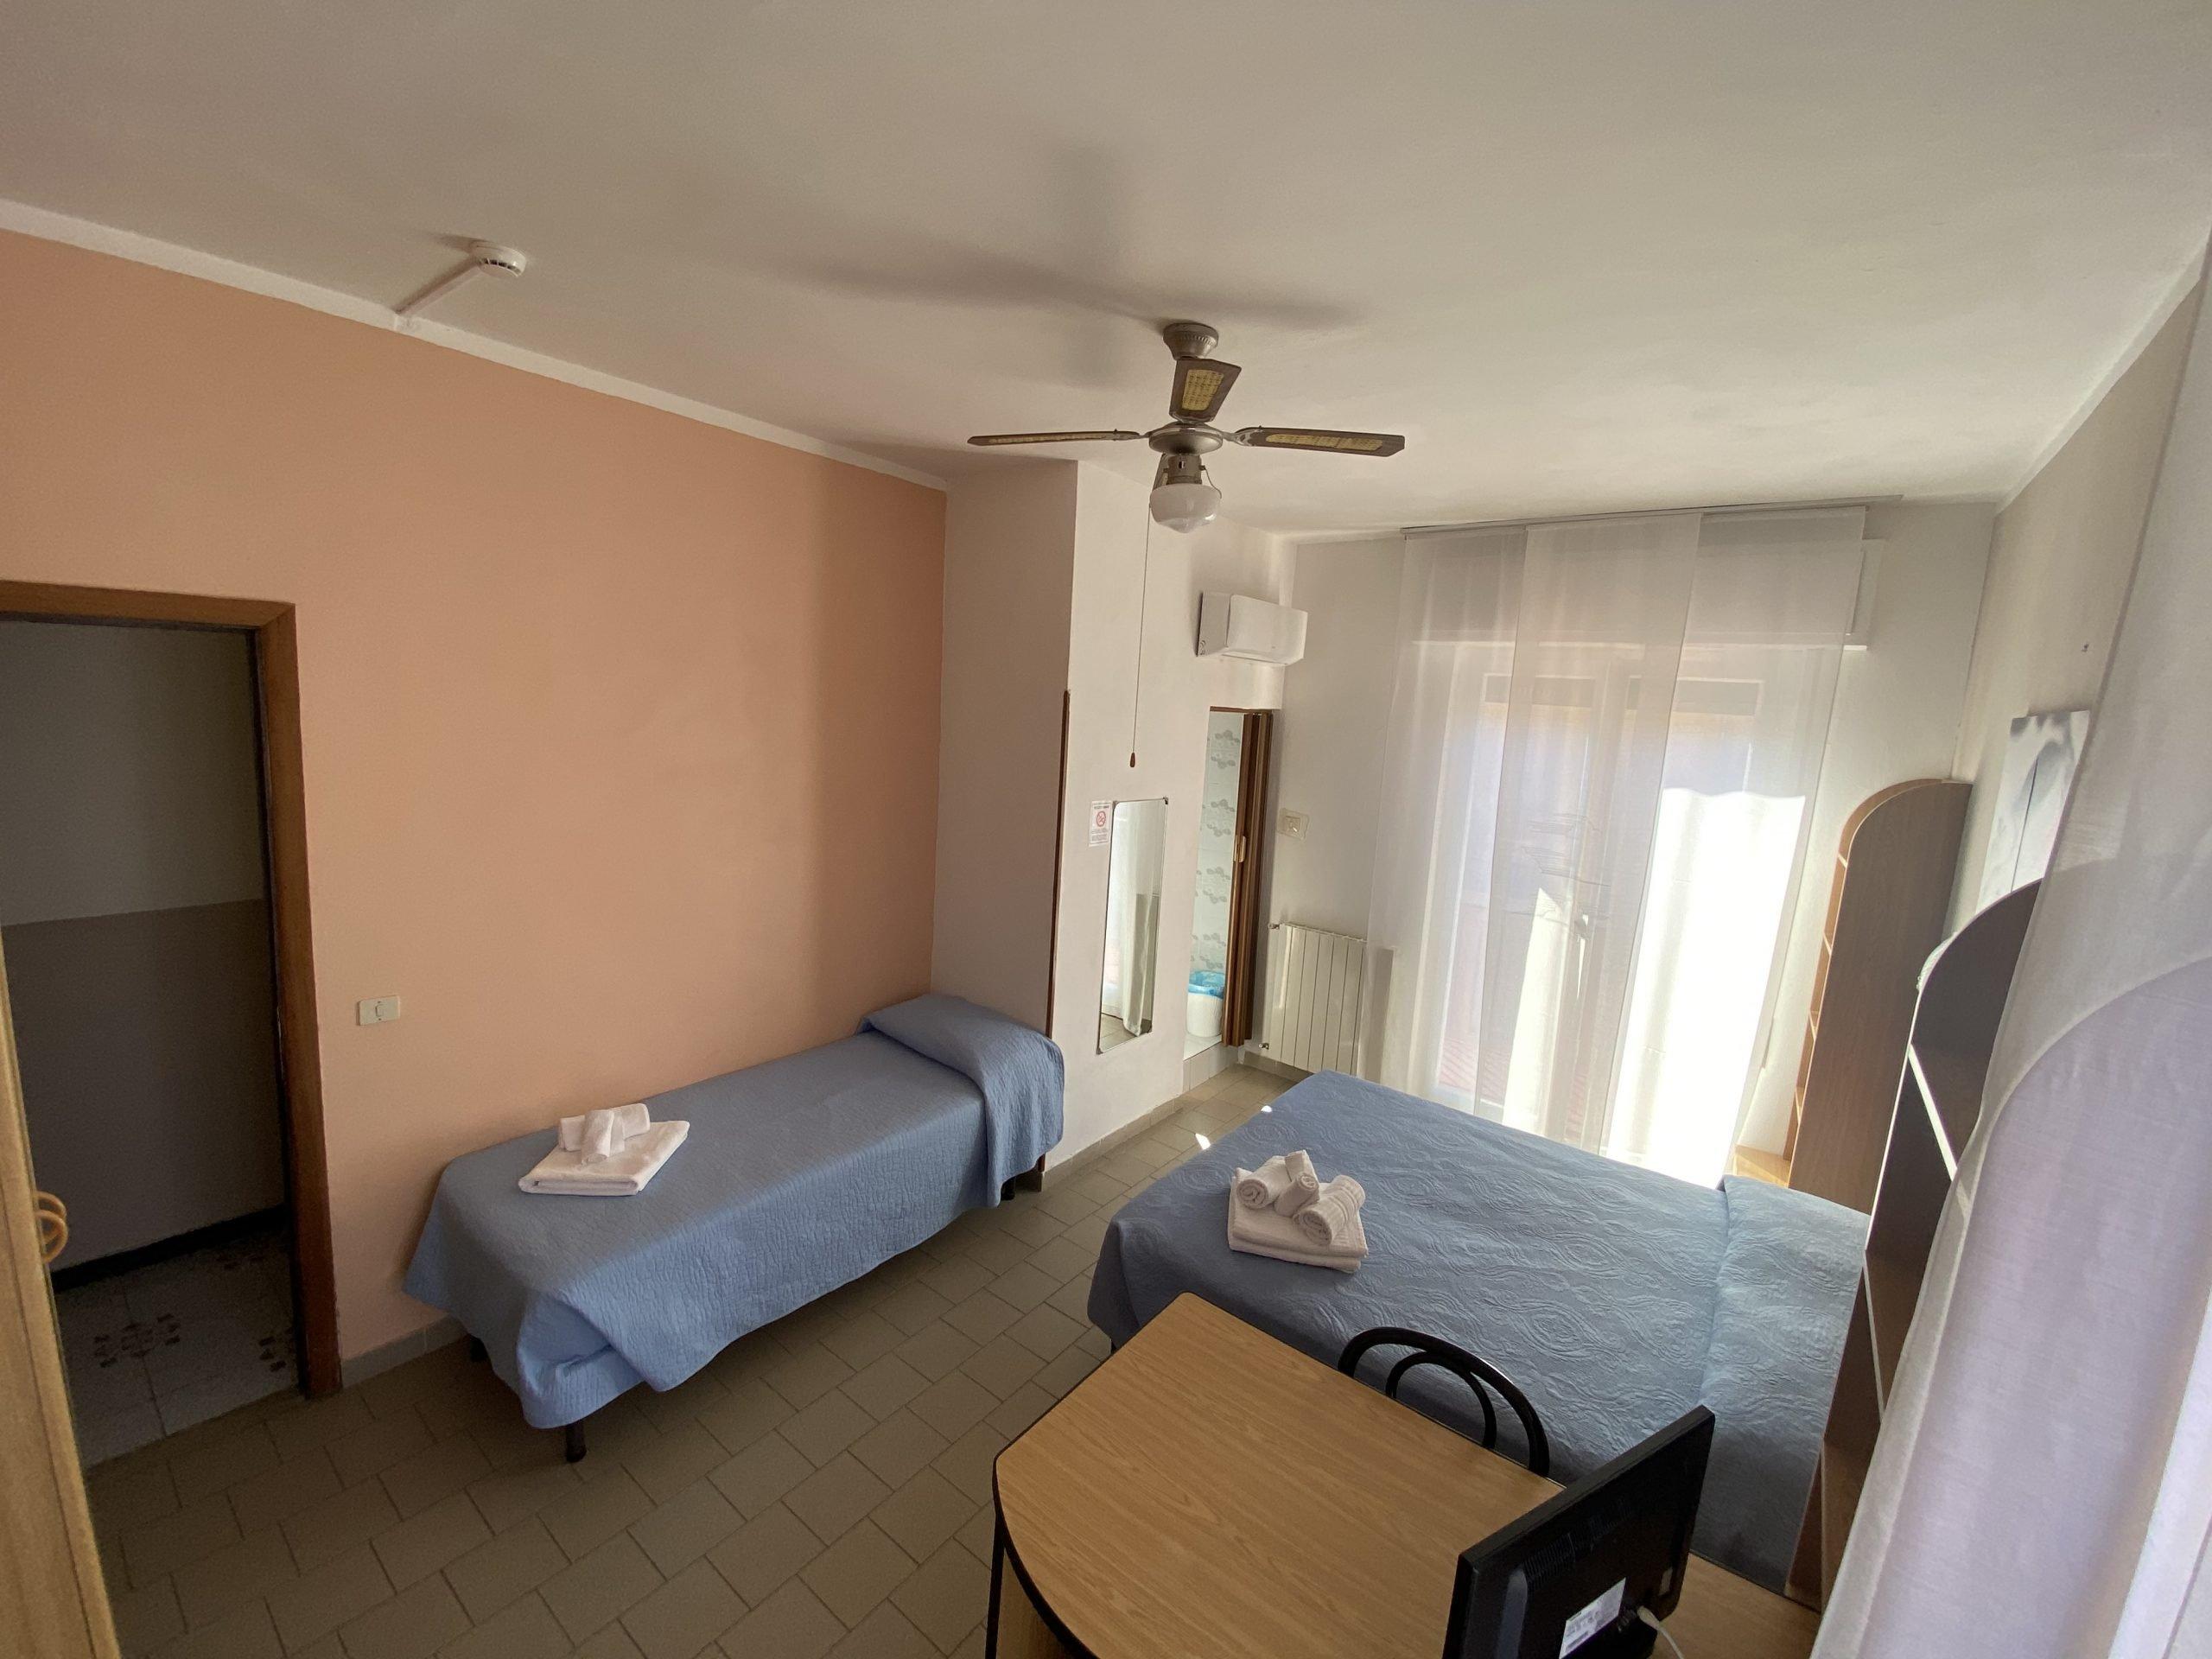 Camera tripla - Hotel Pietra Ligure